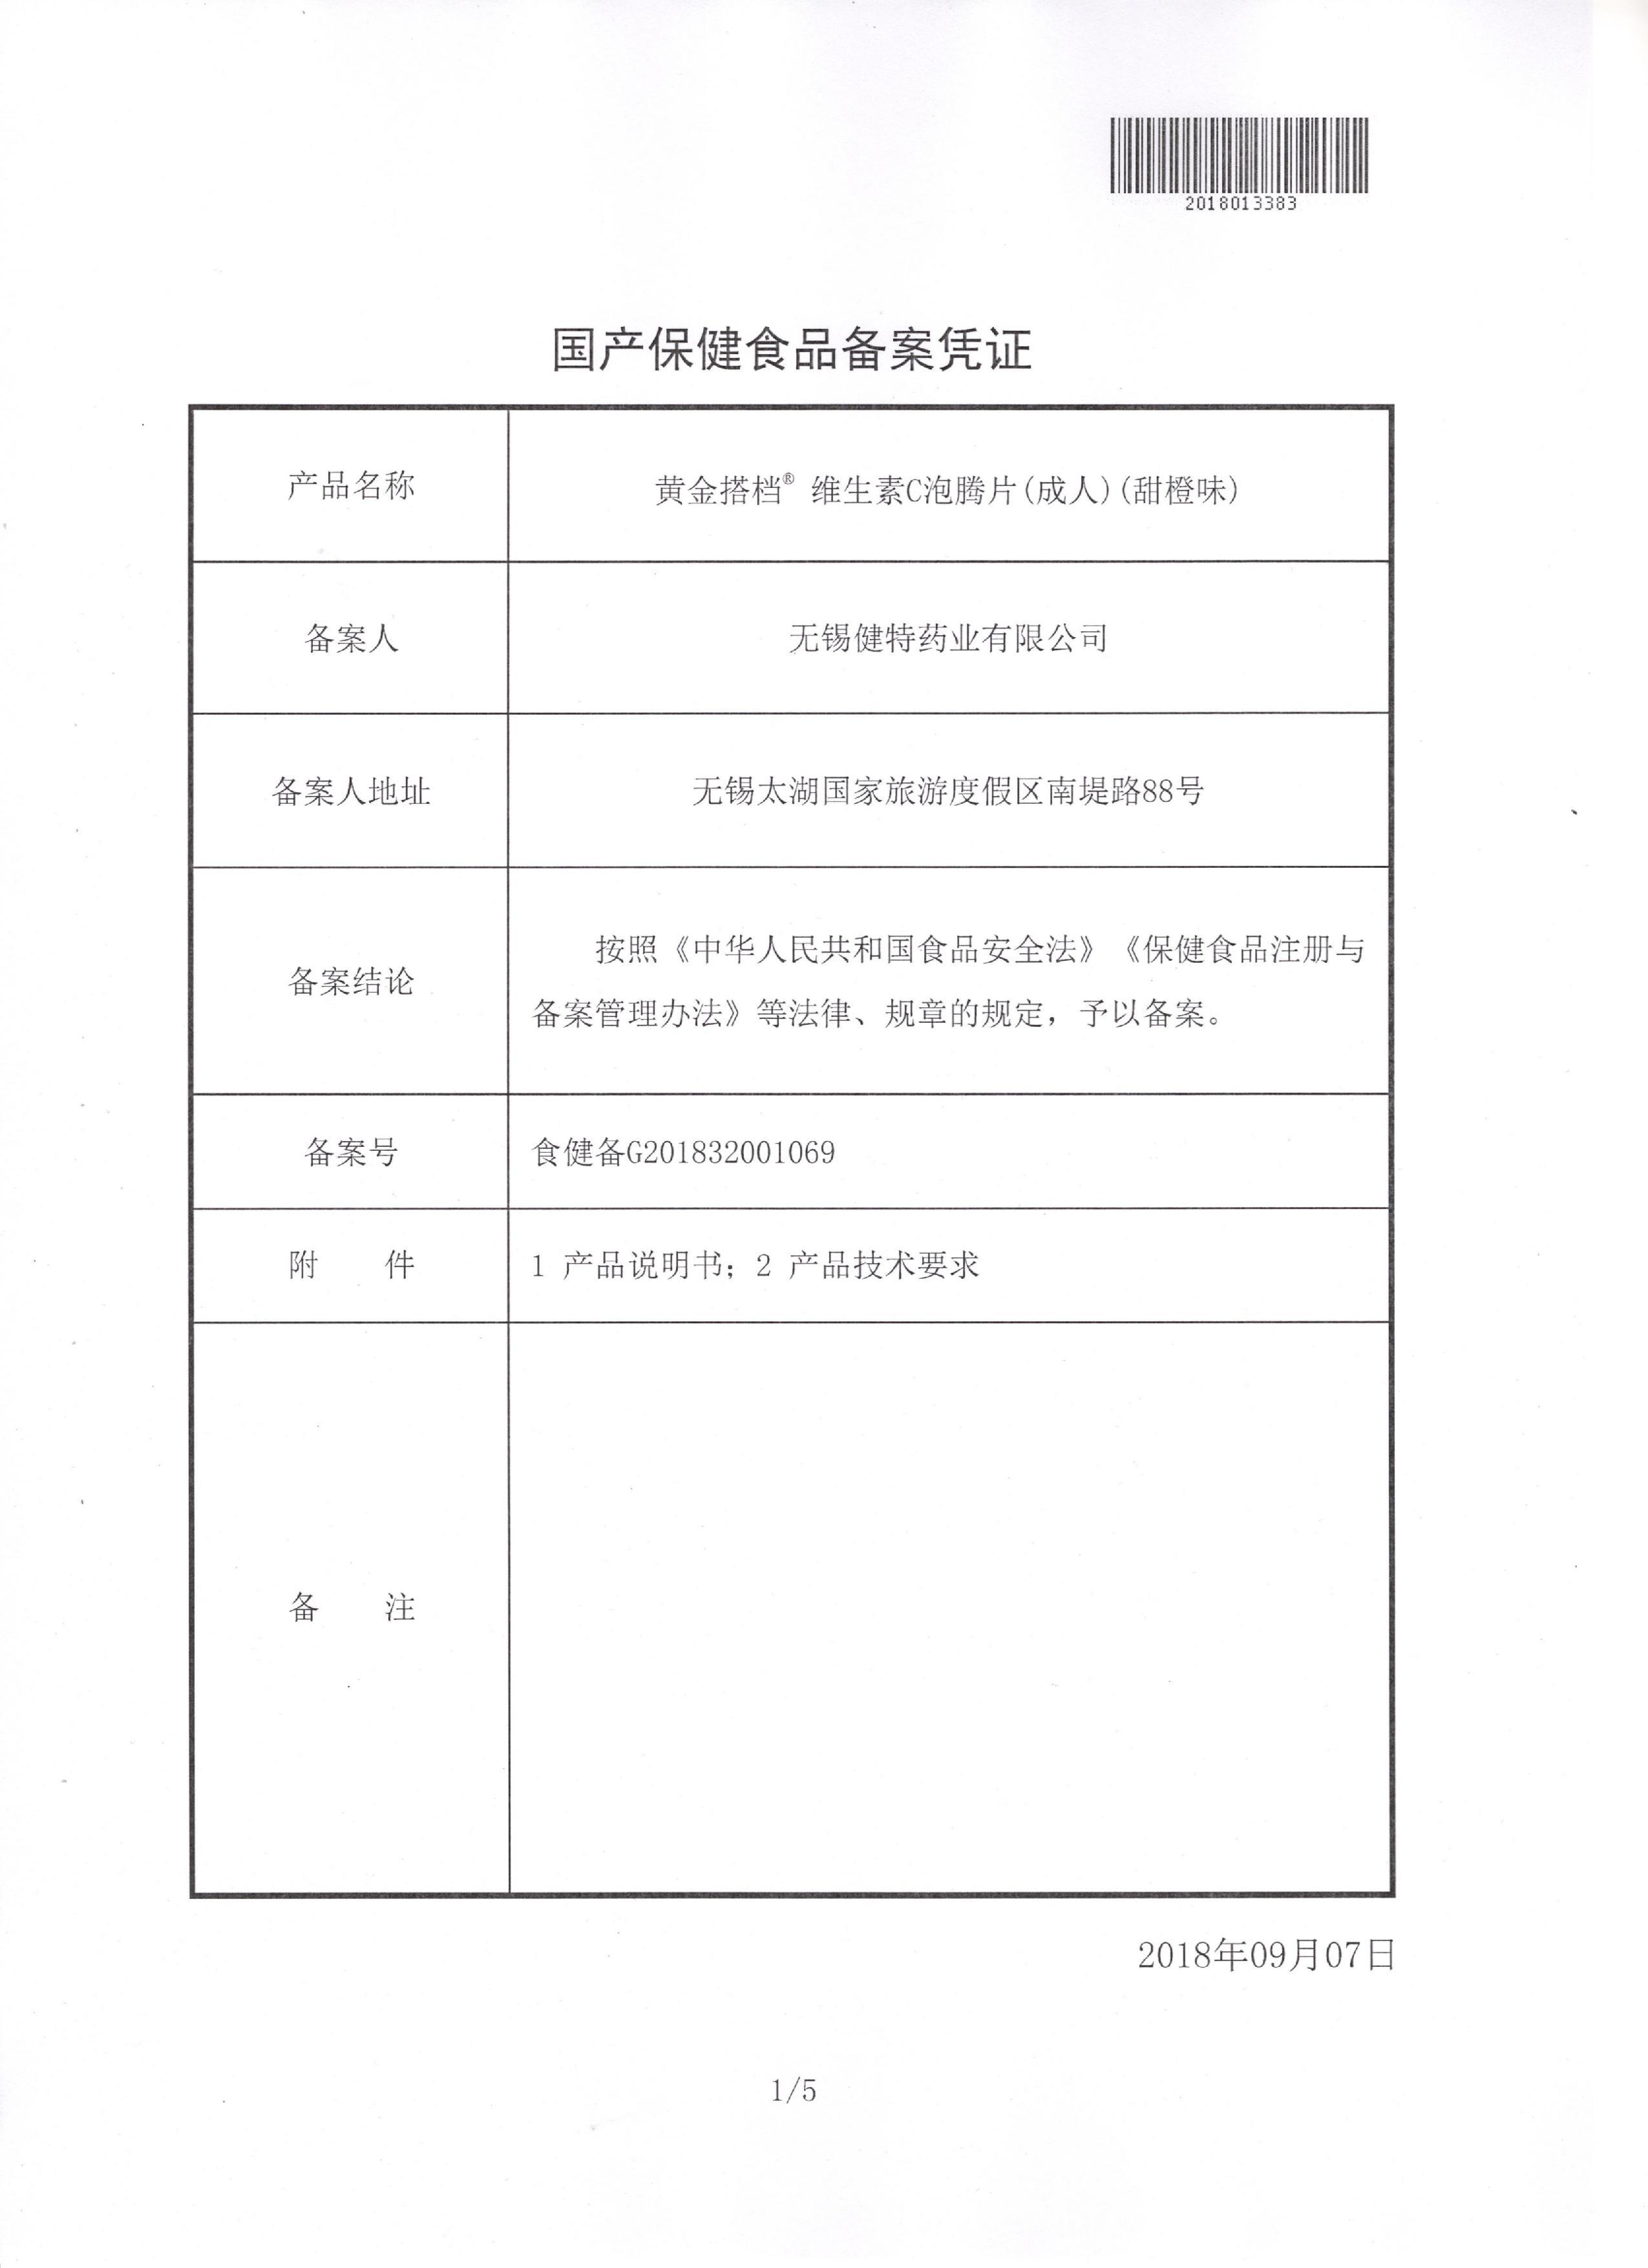 黄金搭档牌维生素C泡腾片(成人)(甜橙味)